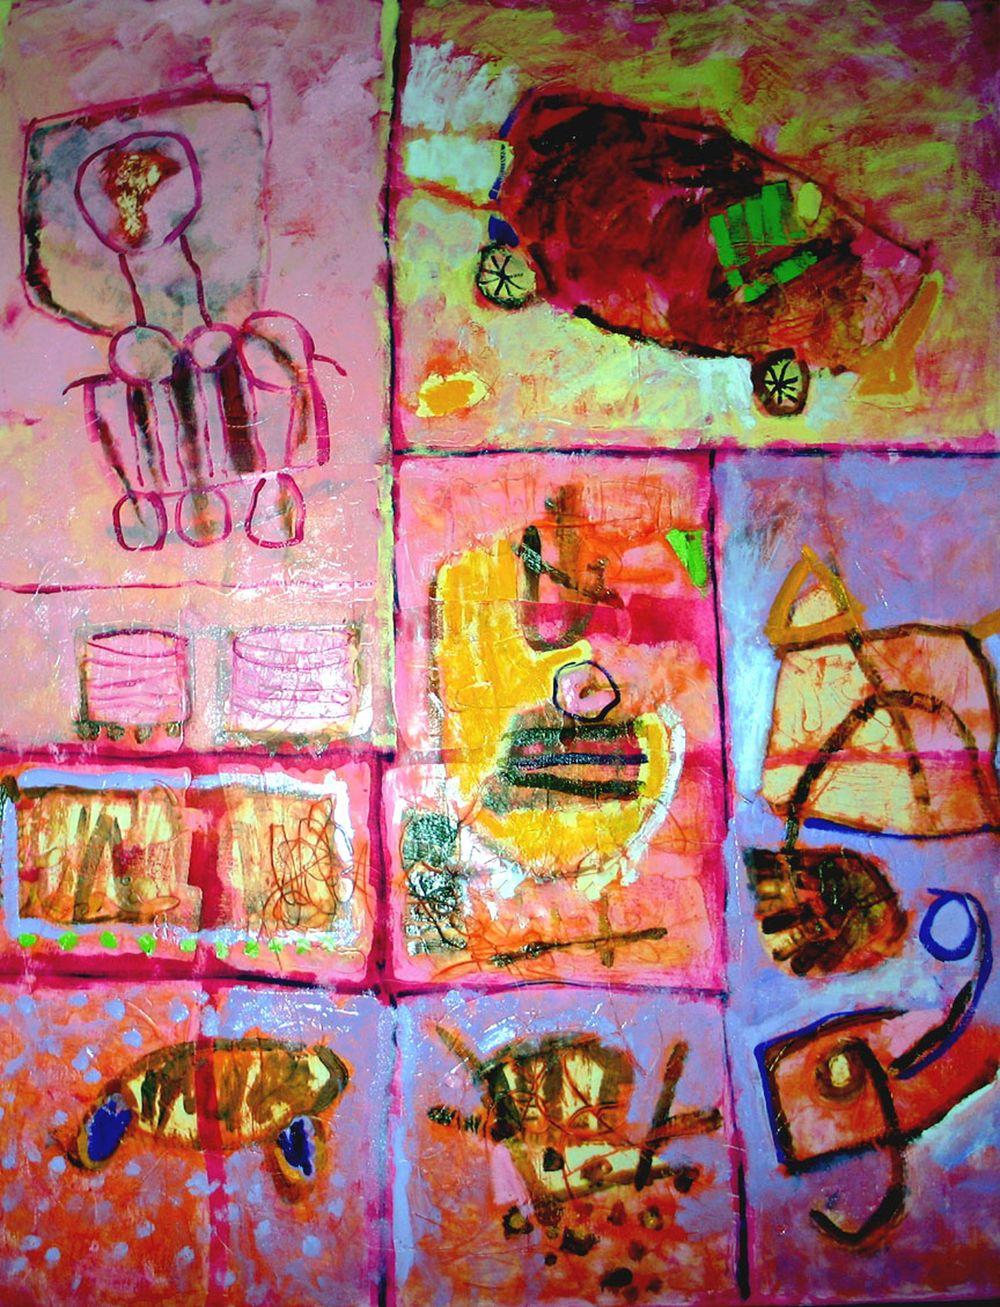 Rhoda,Audrey 6.Childhood Solitudes II, 120x150cm oil & wax on canvas 2005@300dpi.jpg